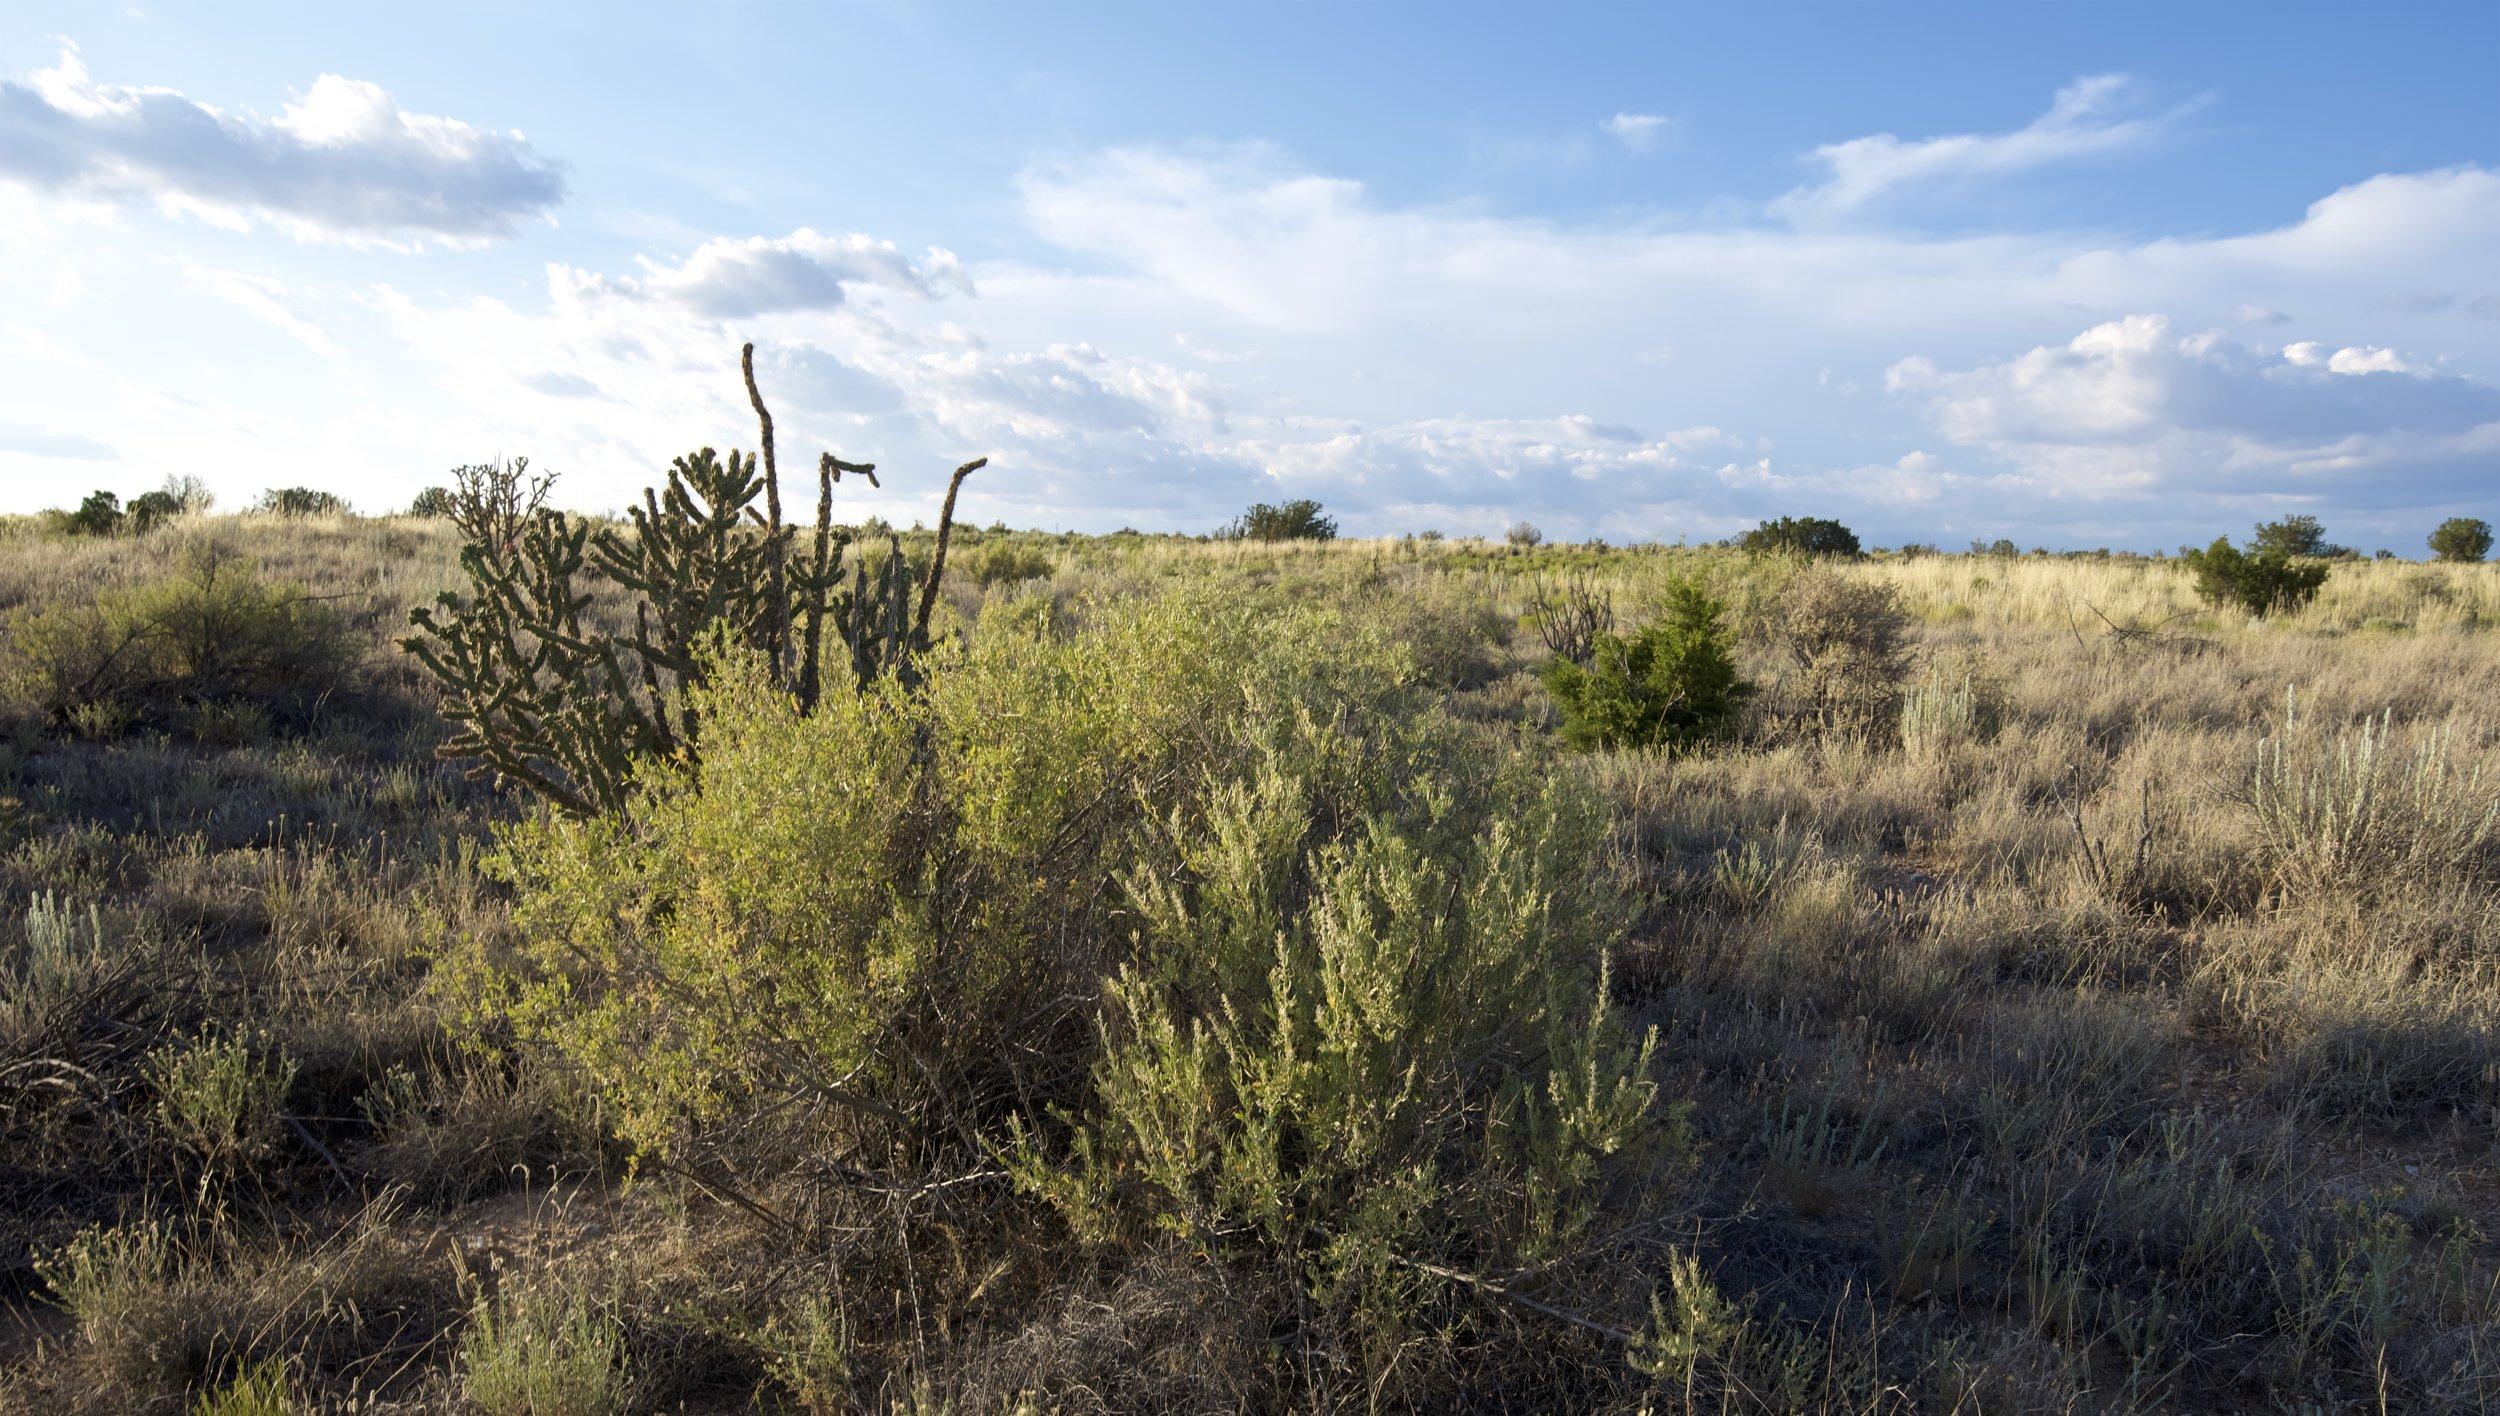 SNNM-BFG-rio-rancho-132763.jpg